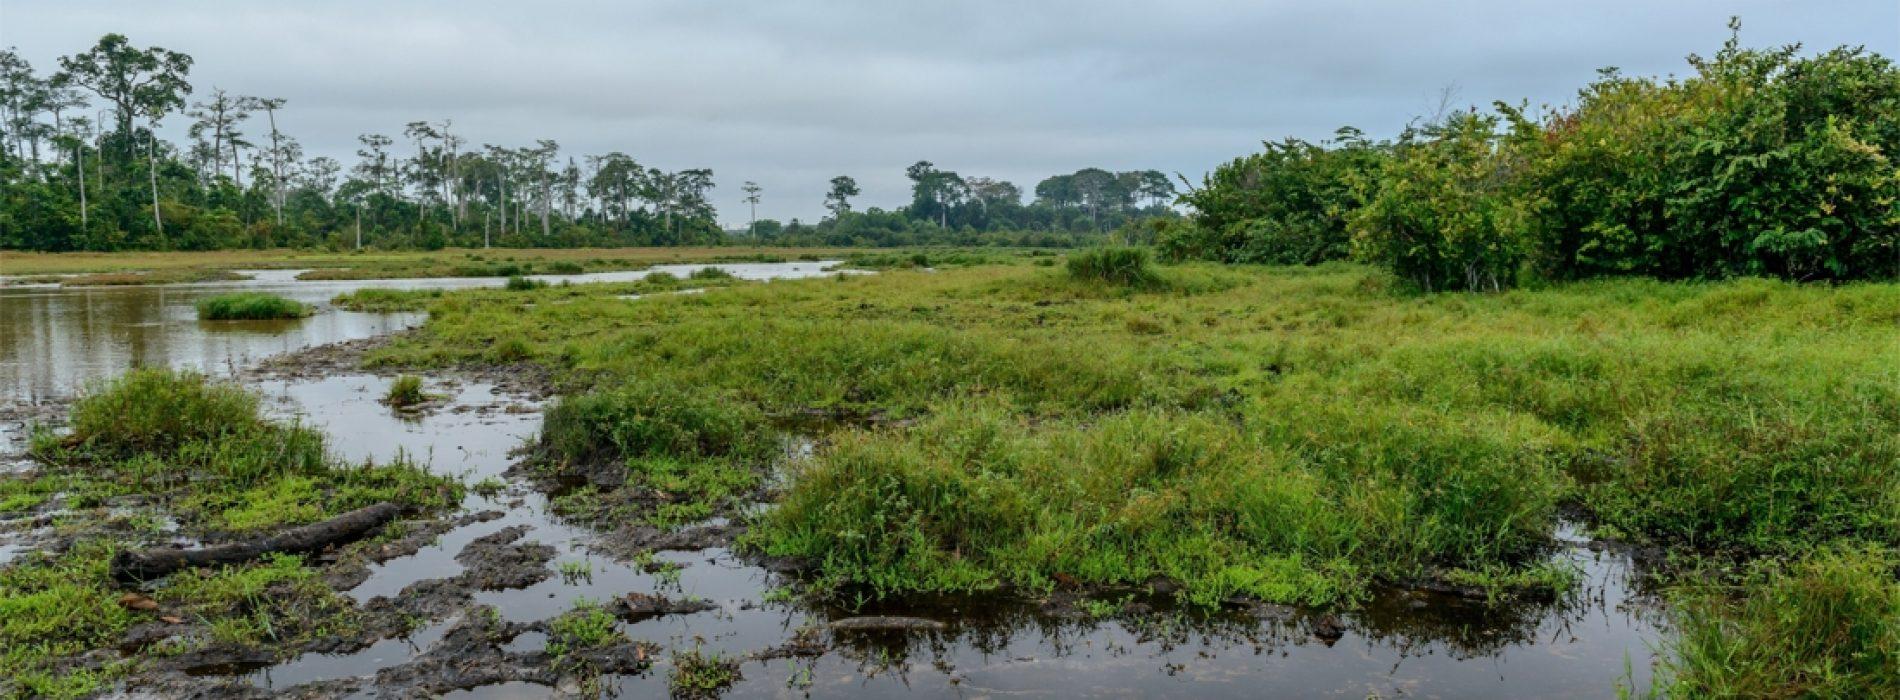 Tropisch Instituut waarschuwt voor superresistente buiktyfusbacteriën in Congo: 'Dit kan desastreus zijn'